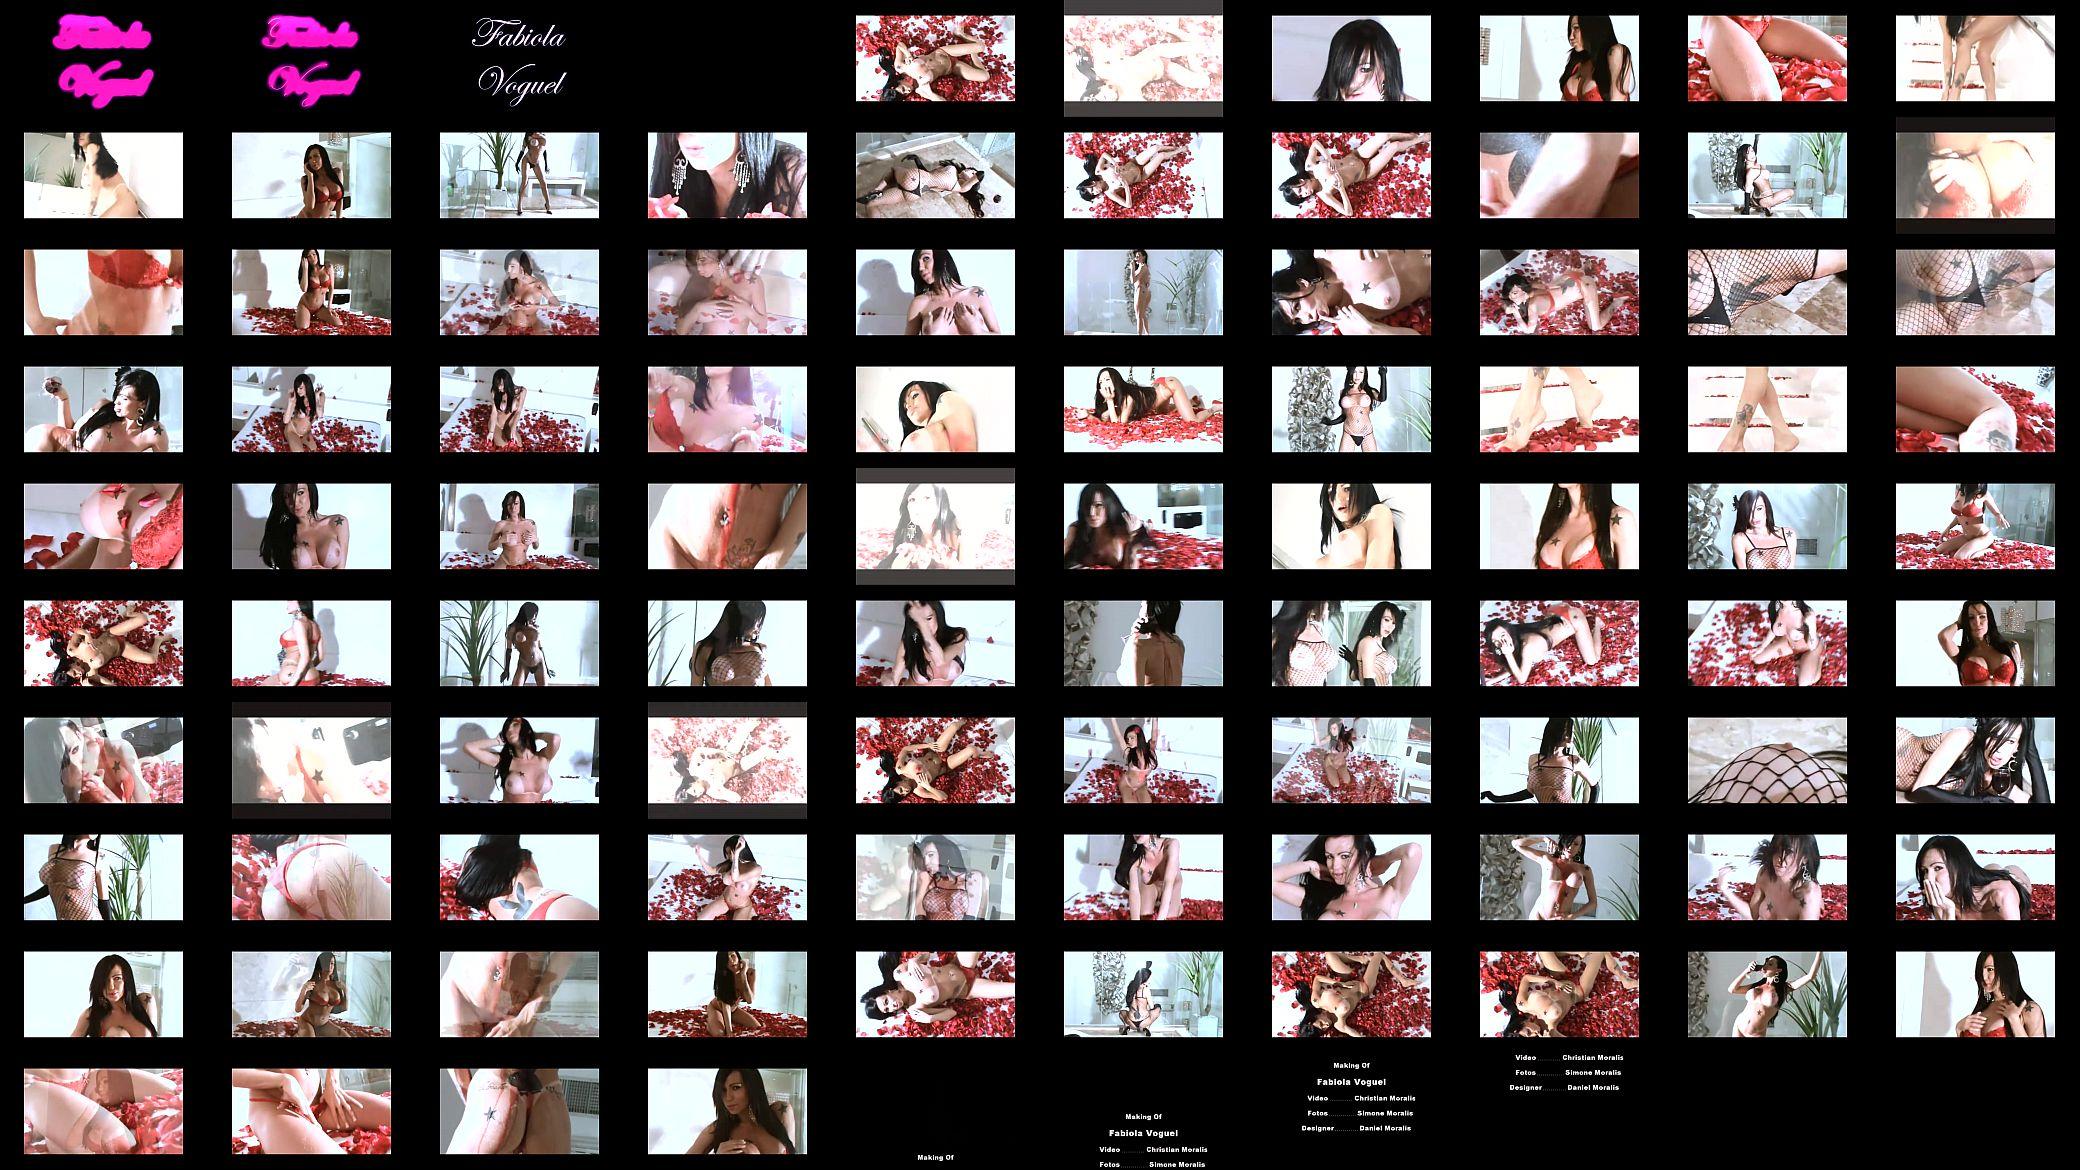 Brazilian Shemales Fabiola Voguel - Fabiola Voguel 02 • www.transexluxury.com - XNXX.COM